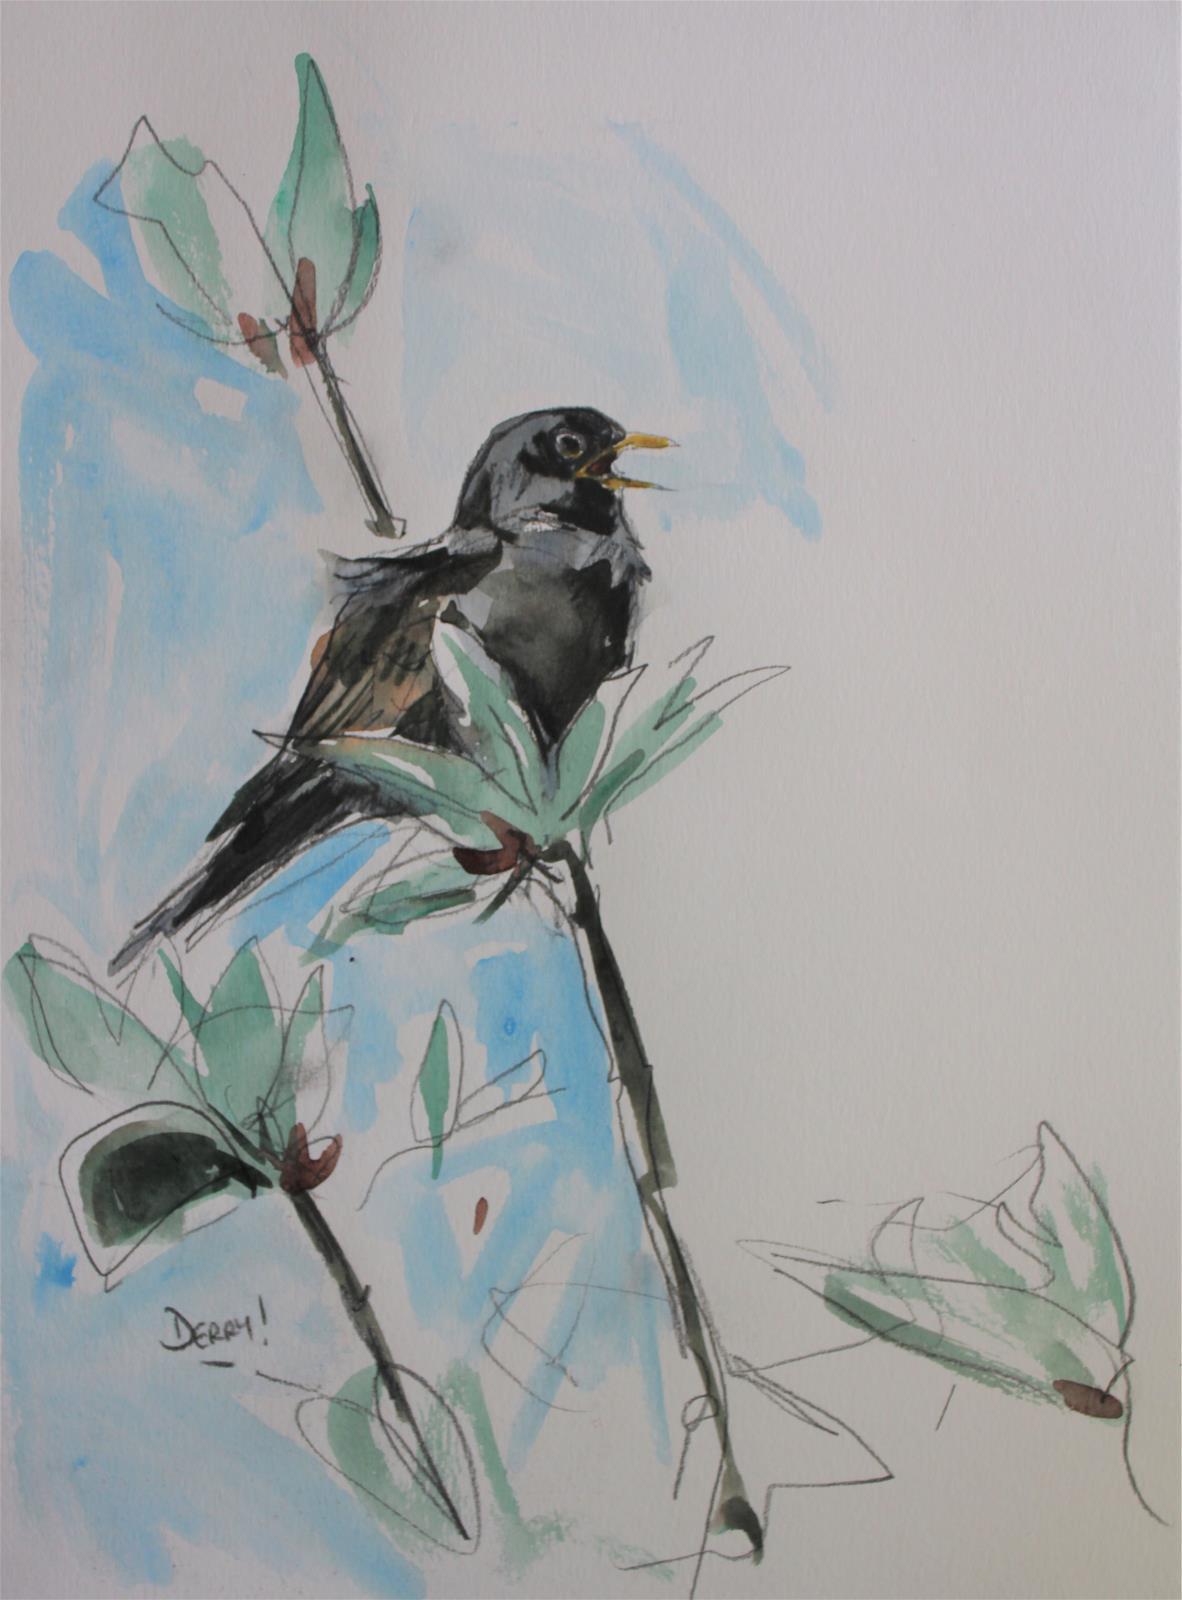 <p>Lockdown Blackbird by Nick Derry</p>